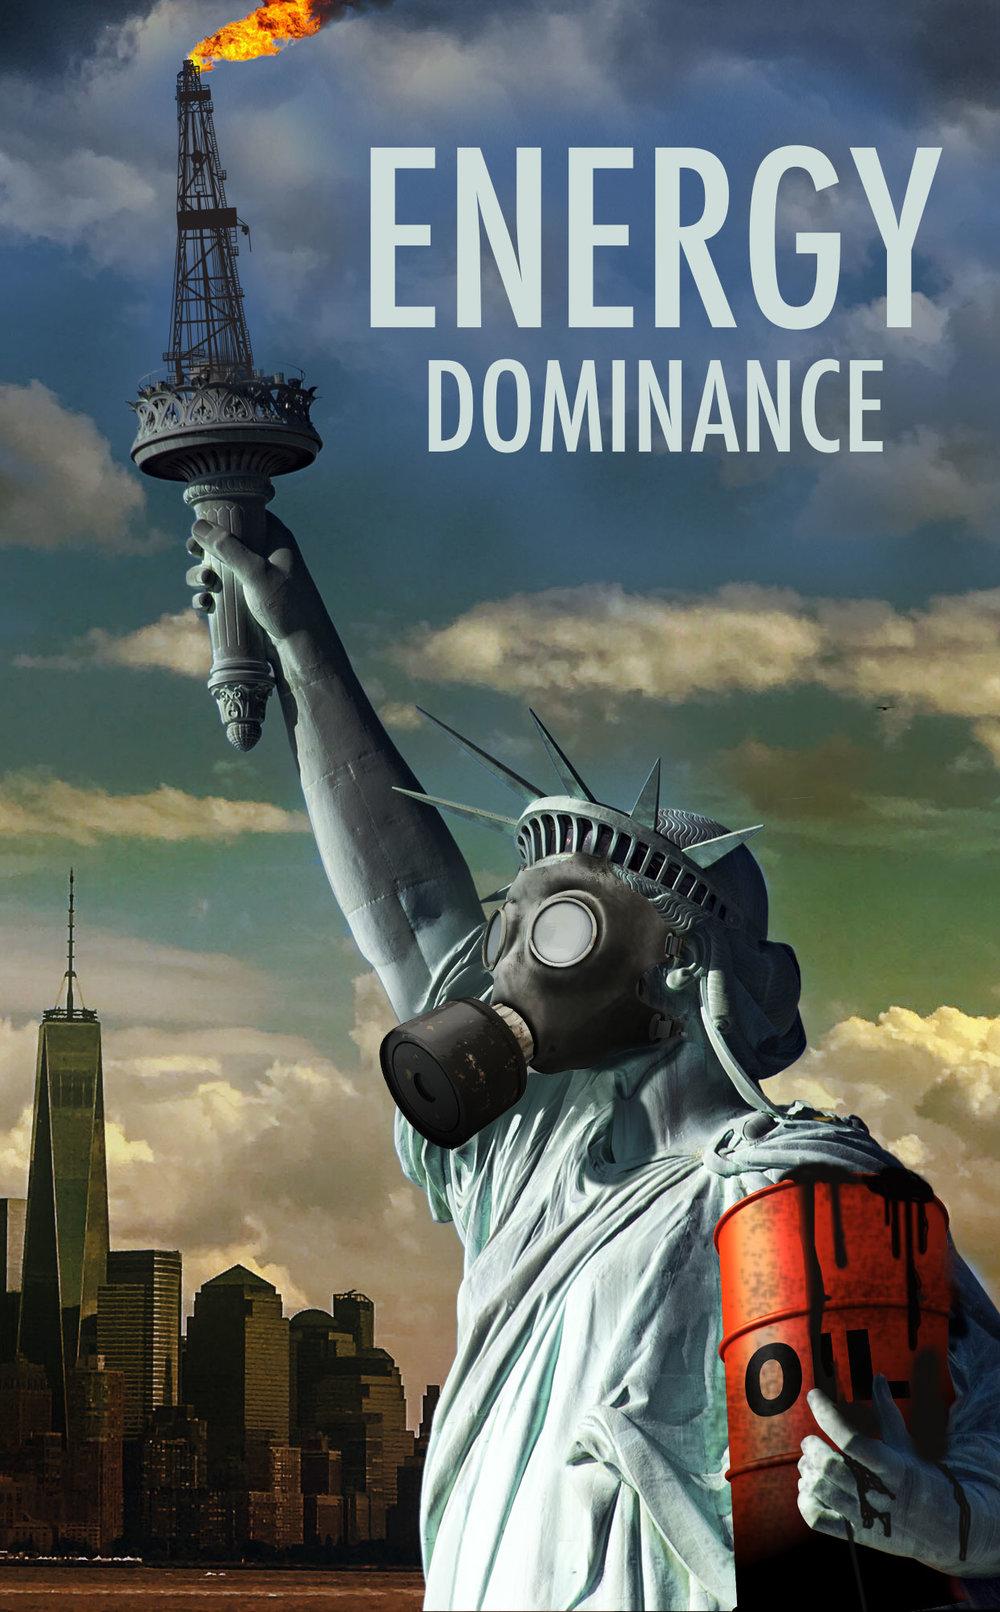 LibertyEnergyDominance.jpg